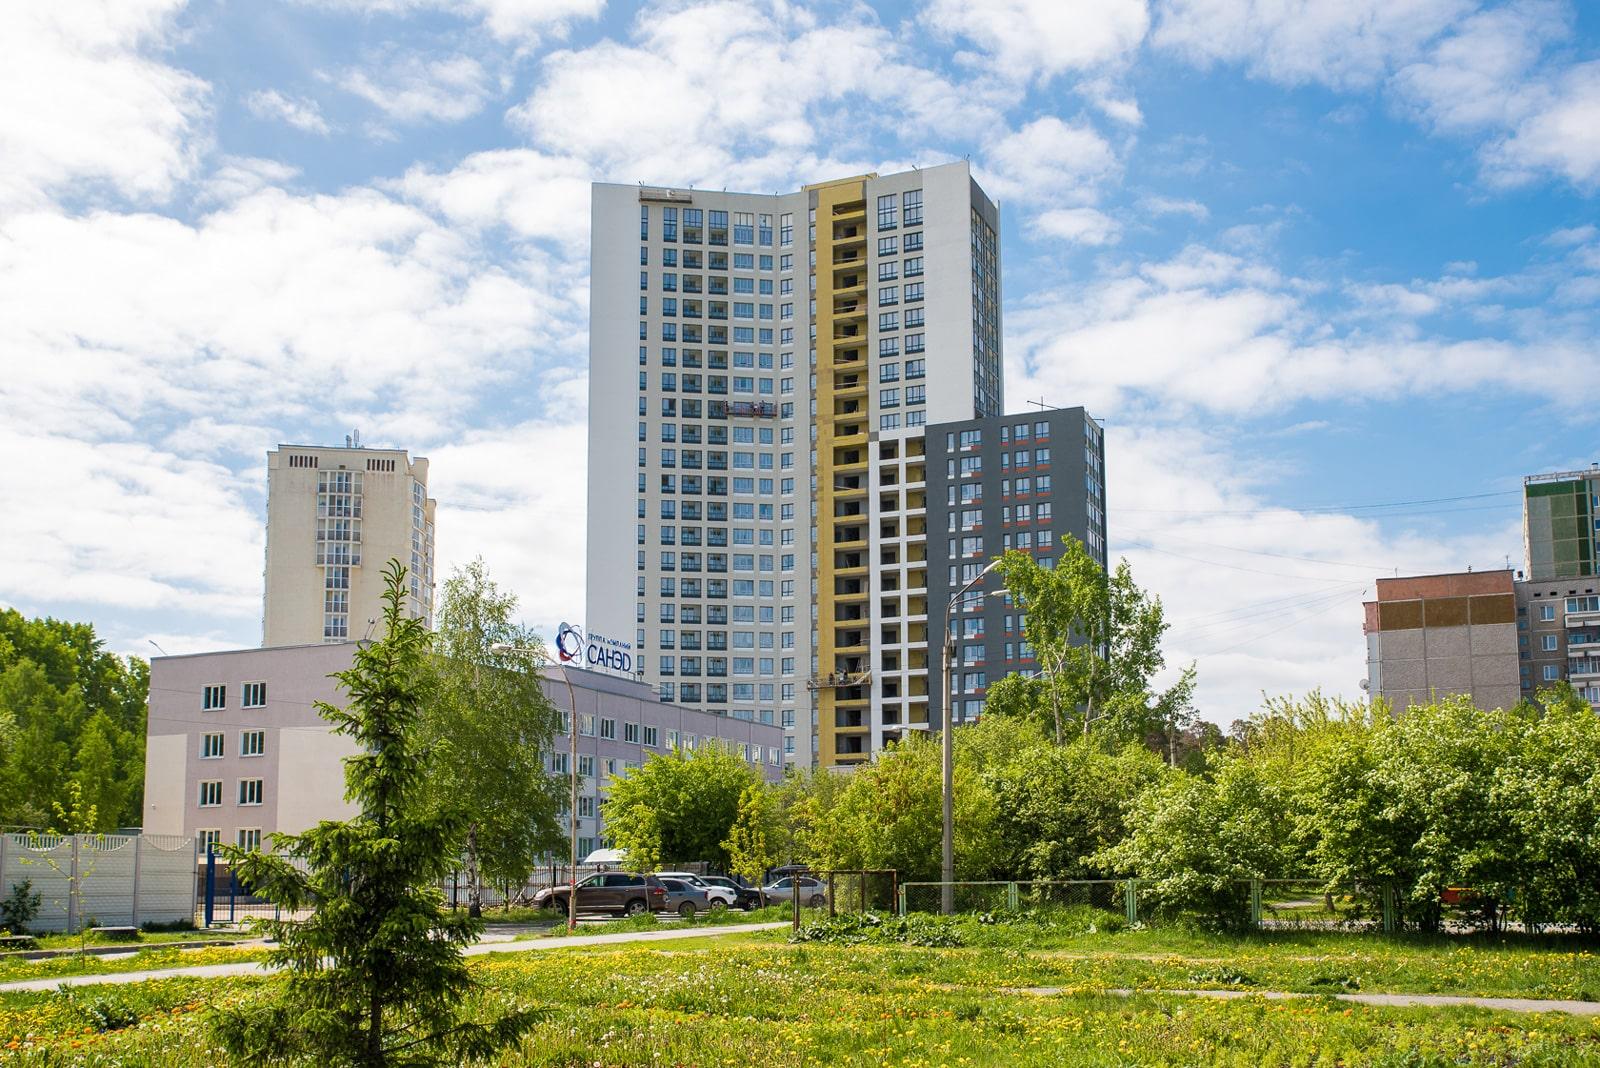 официальный сайт агентства недвижимости в Екатеринбурге